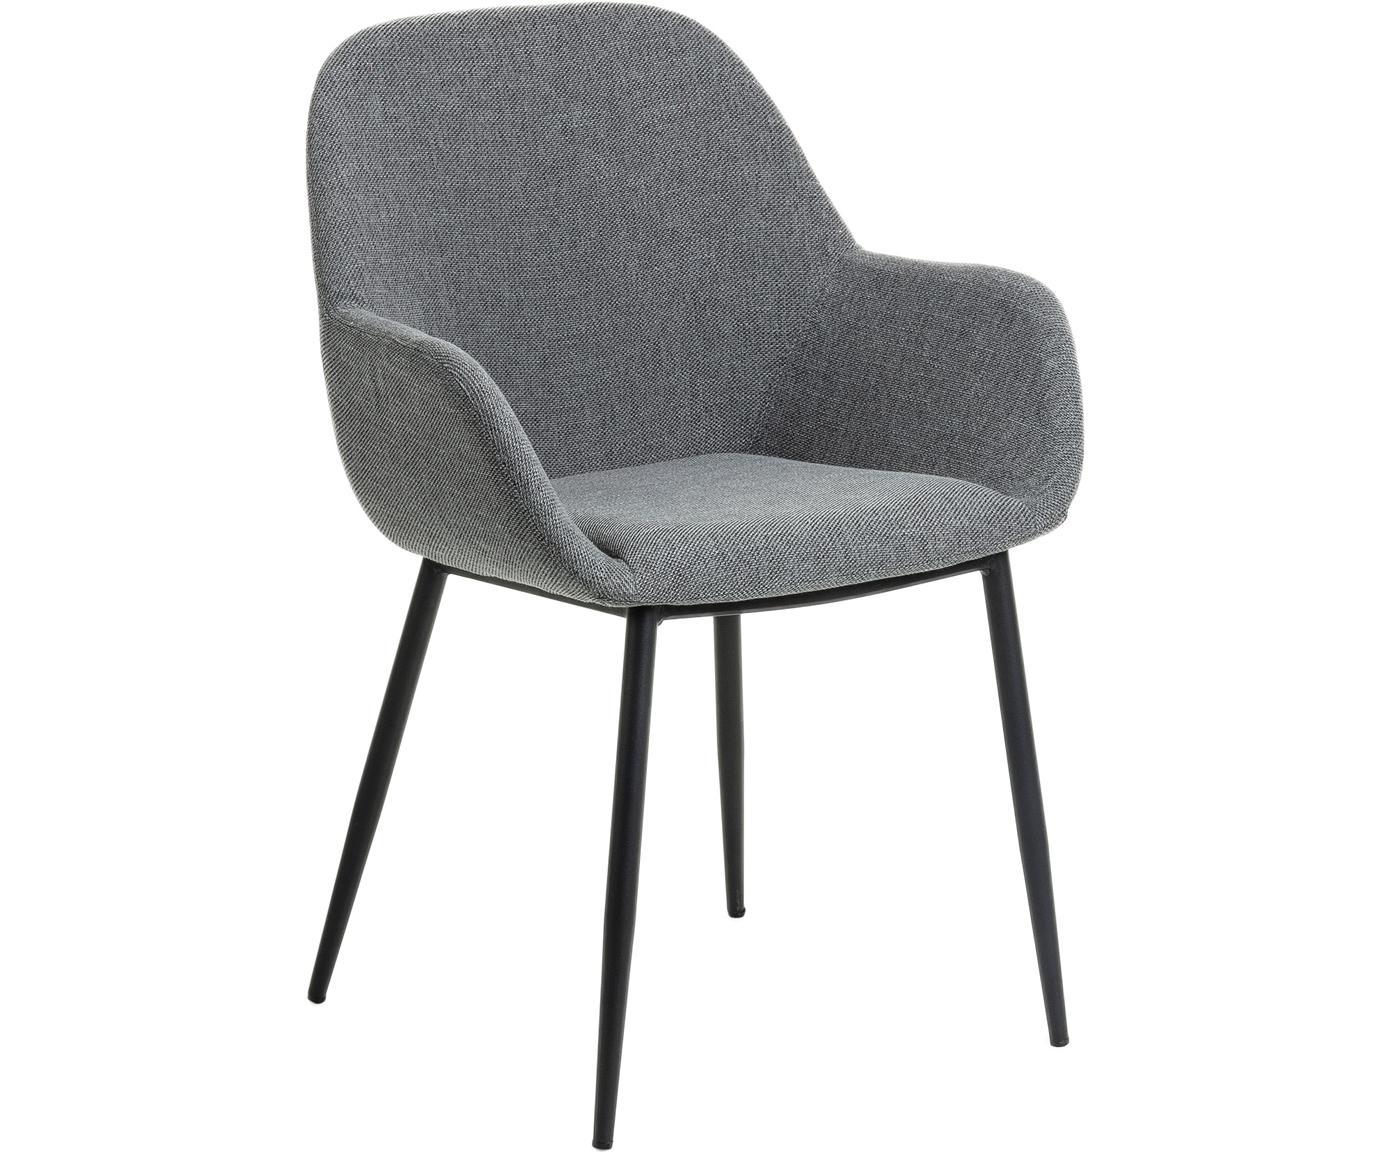 Krzesło z podłokietnikami Kona, 2szt., Tapicerka: tkanina 50000 cykli w te, Stelaż: metal powlekany, Szary, czarny, S 59 x G 52 cm